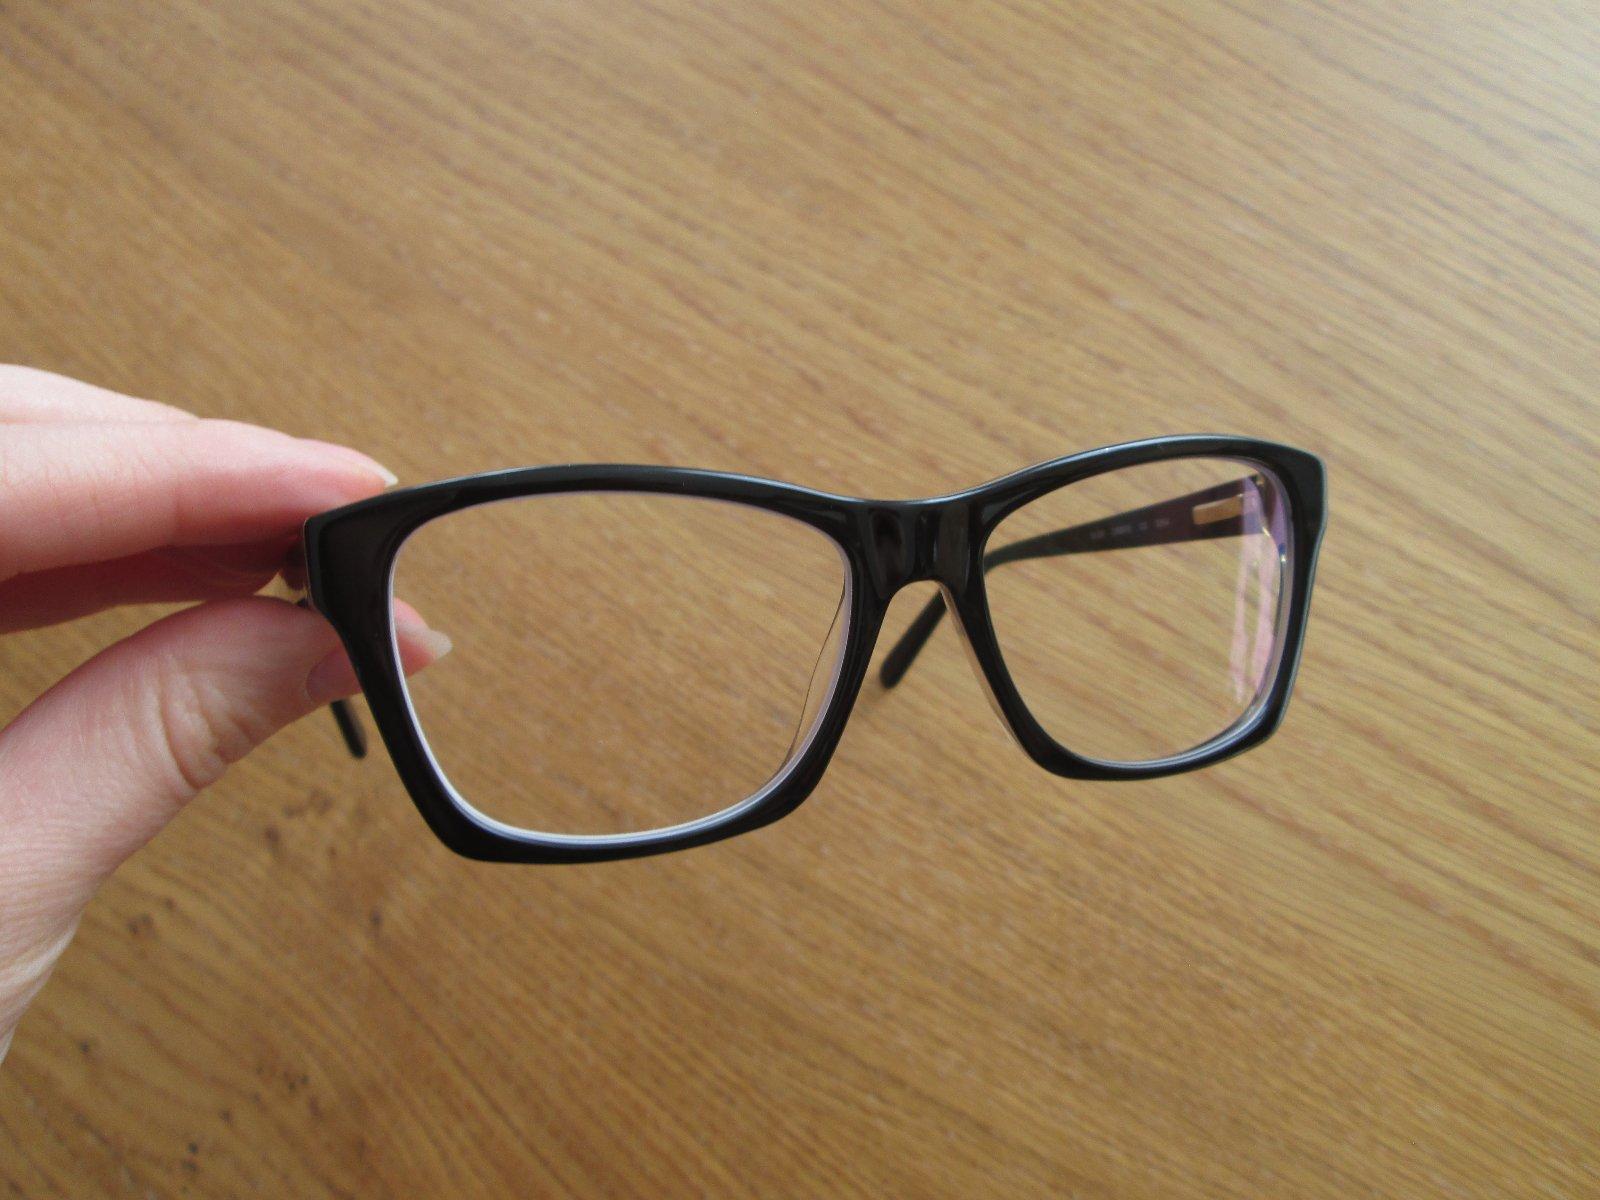 5c5177f10 Dioptrické okuliare čierne, - 43 € od predávajúcej zuzana49   Detský bazár    ModryKonik.sk